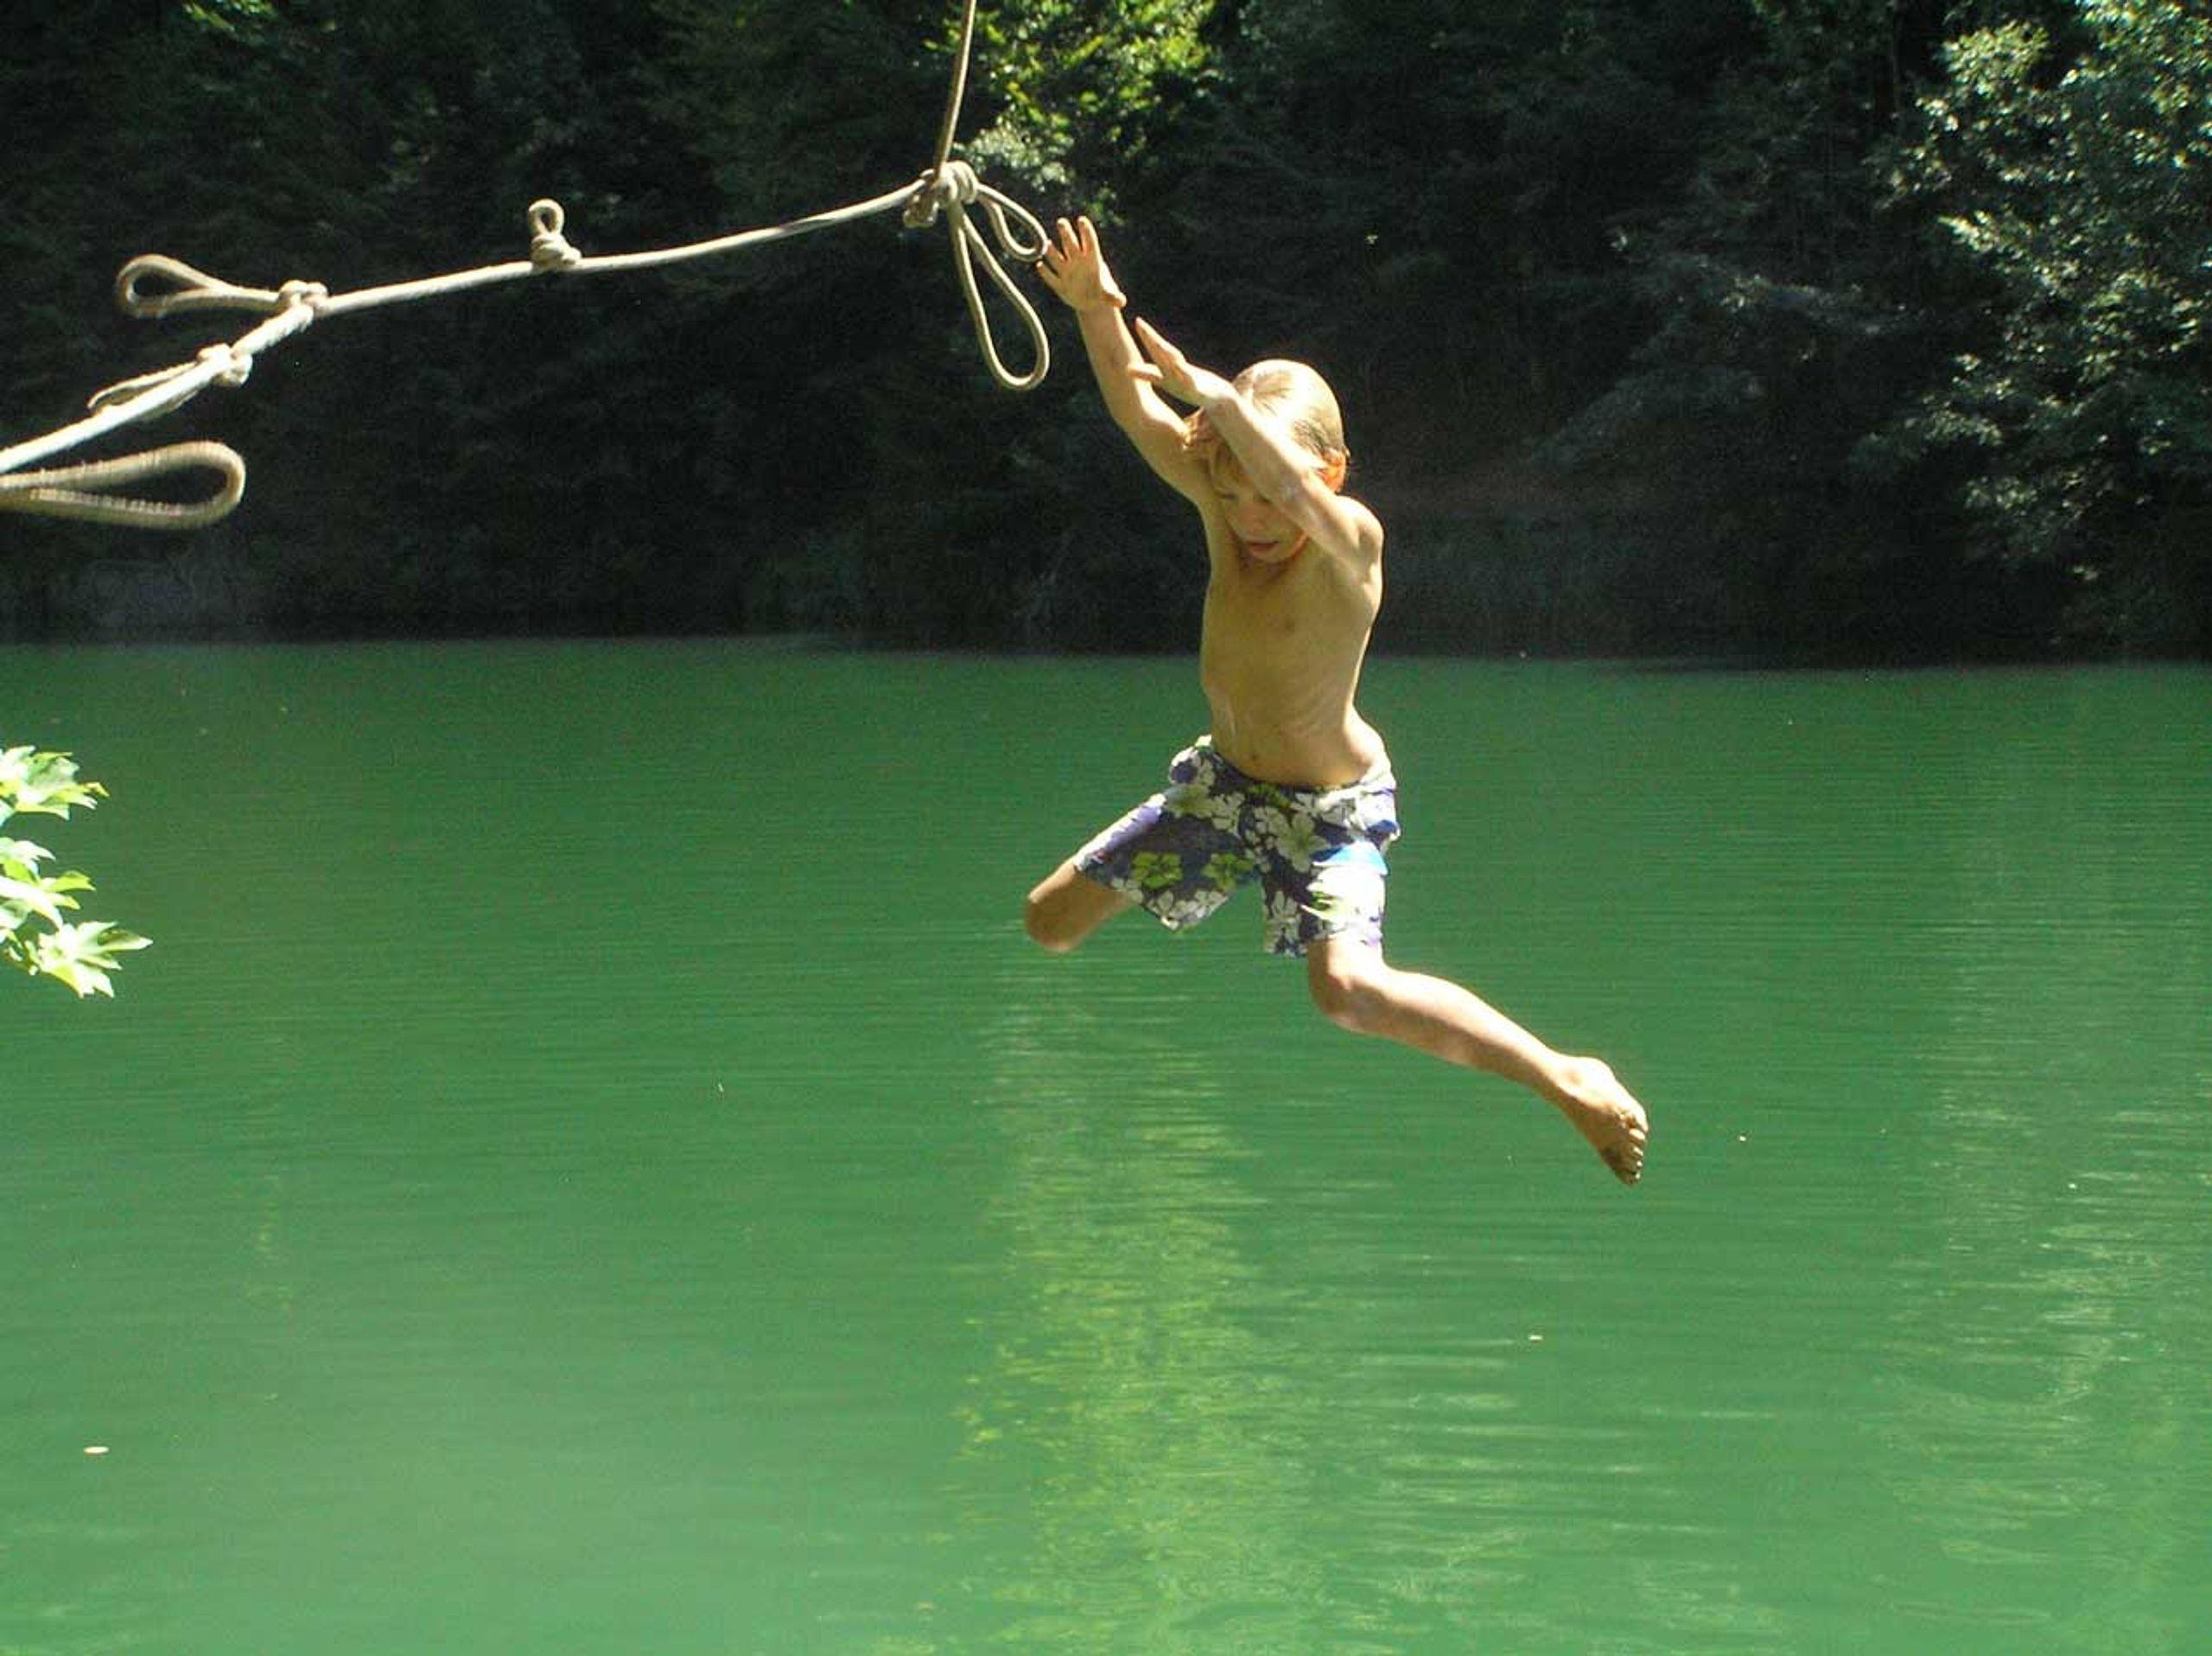 Abenteuerspielplatz Seewaldsee